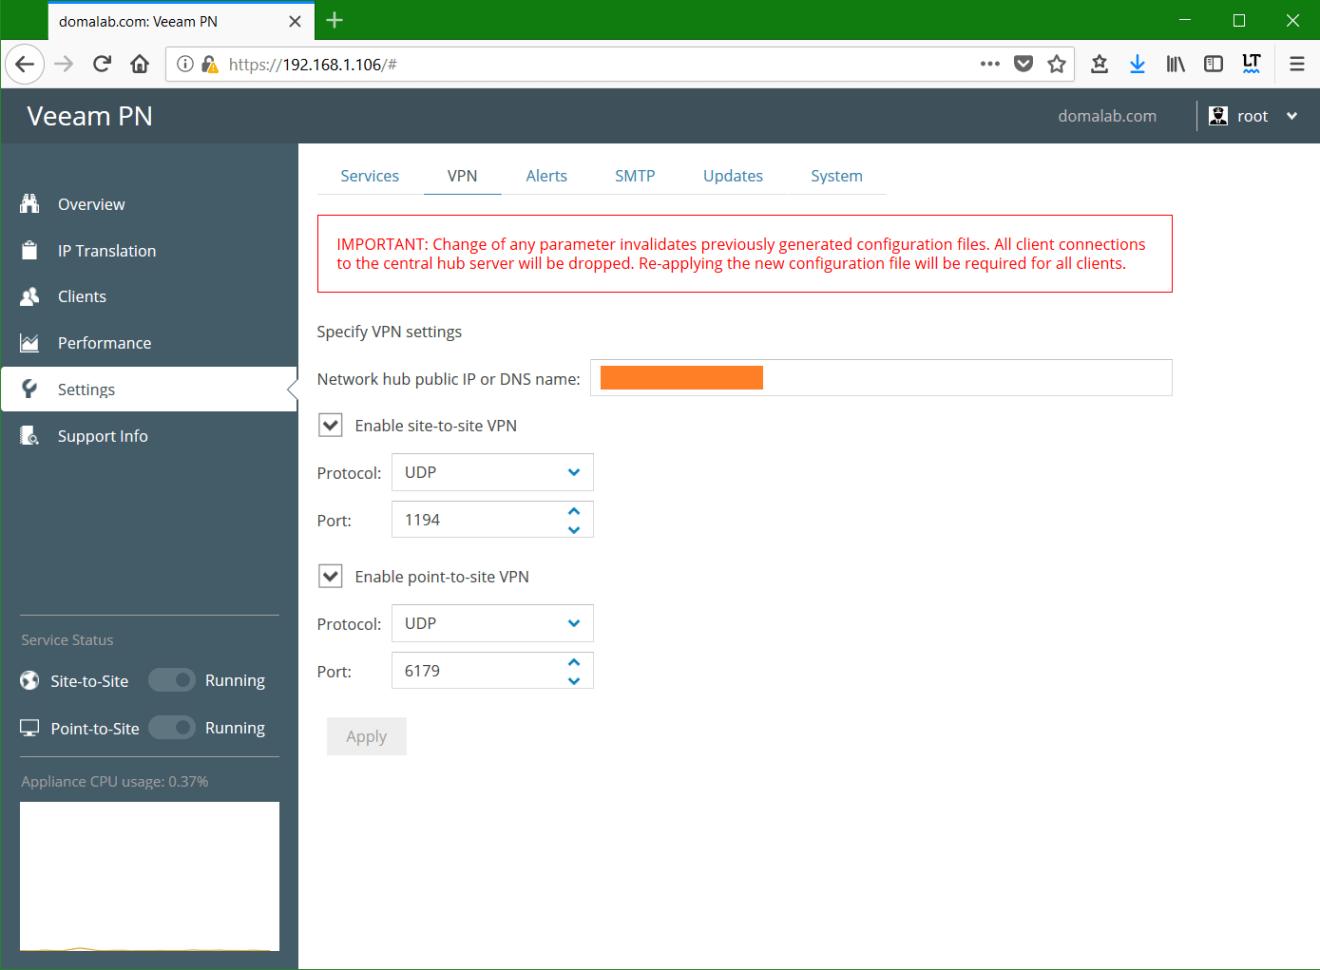 domalab.com Veeam PN VPN